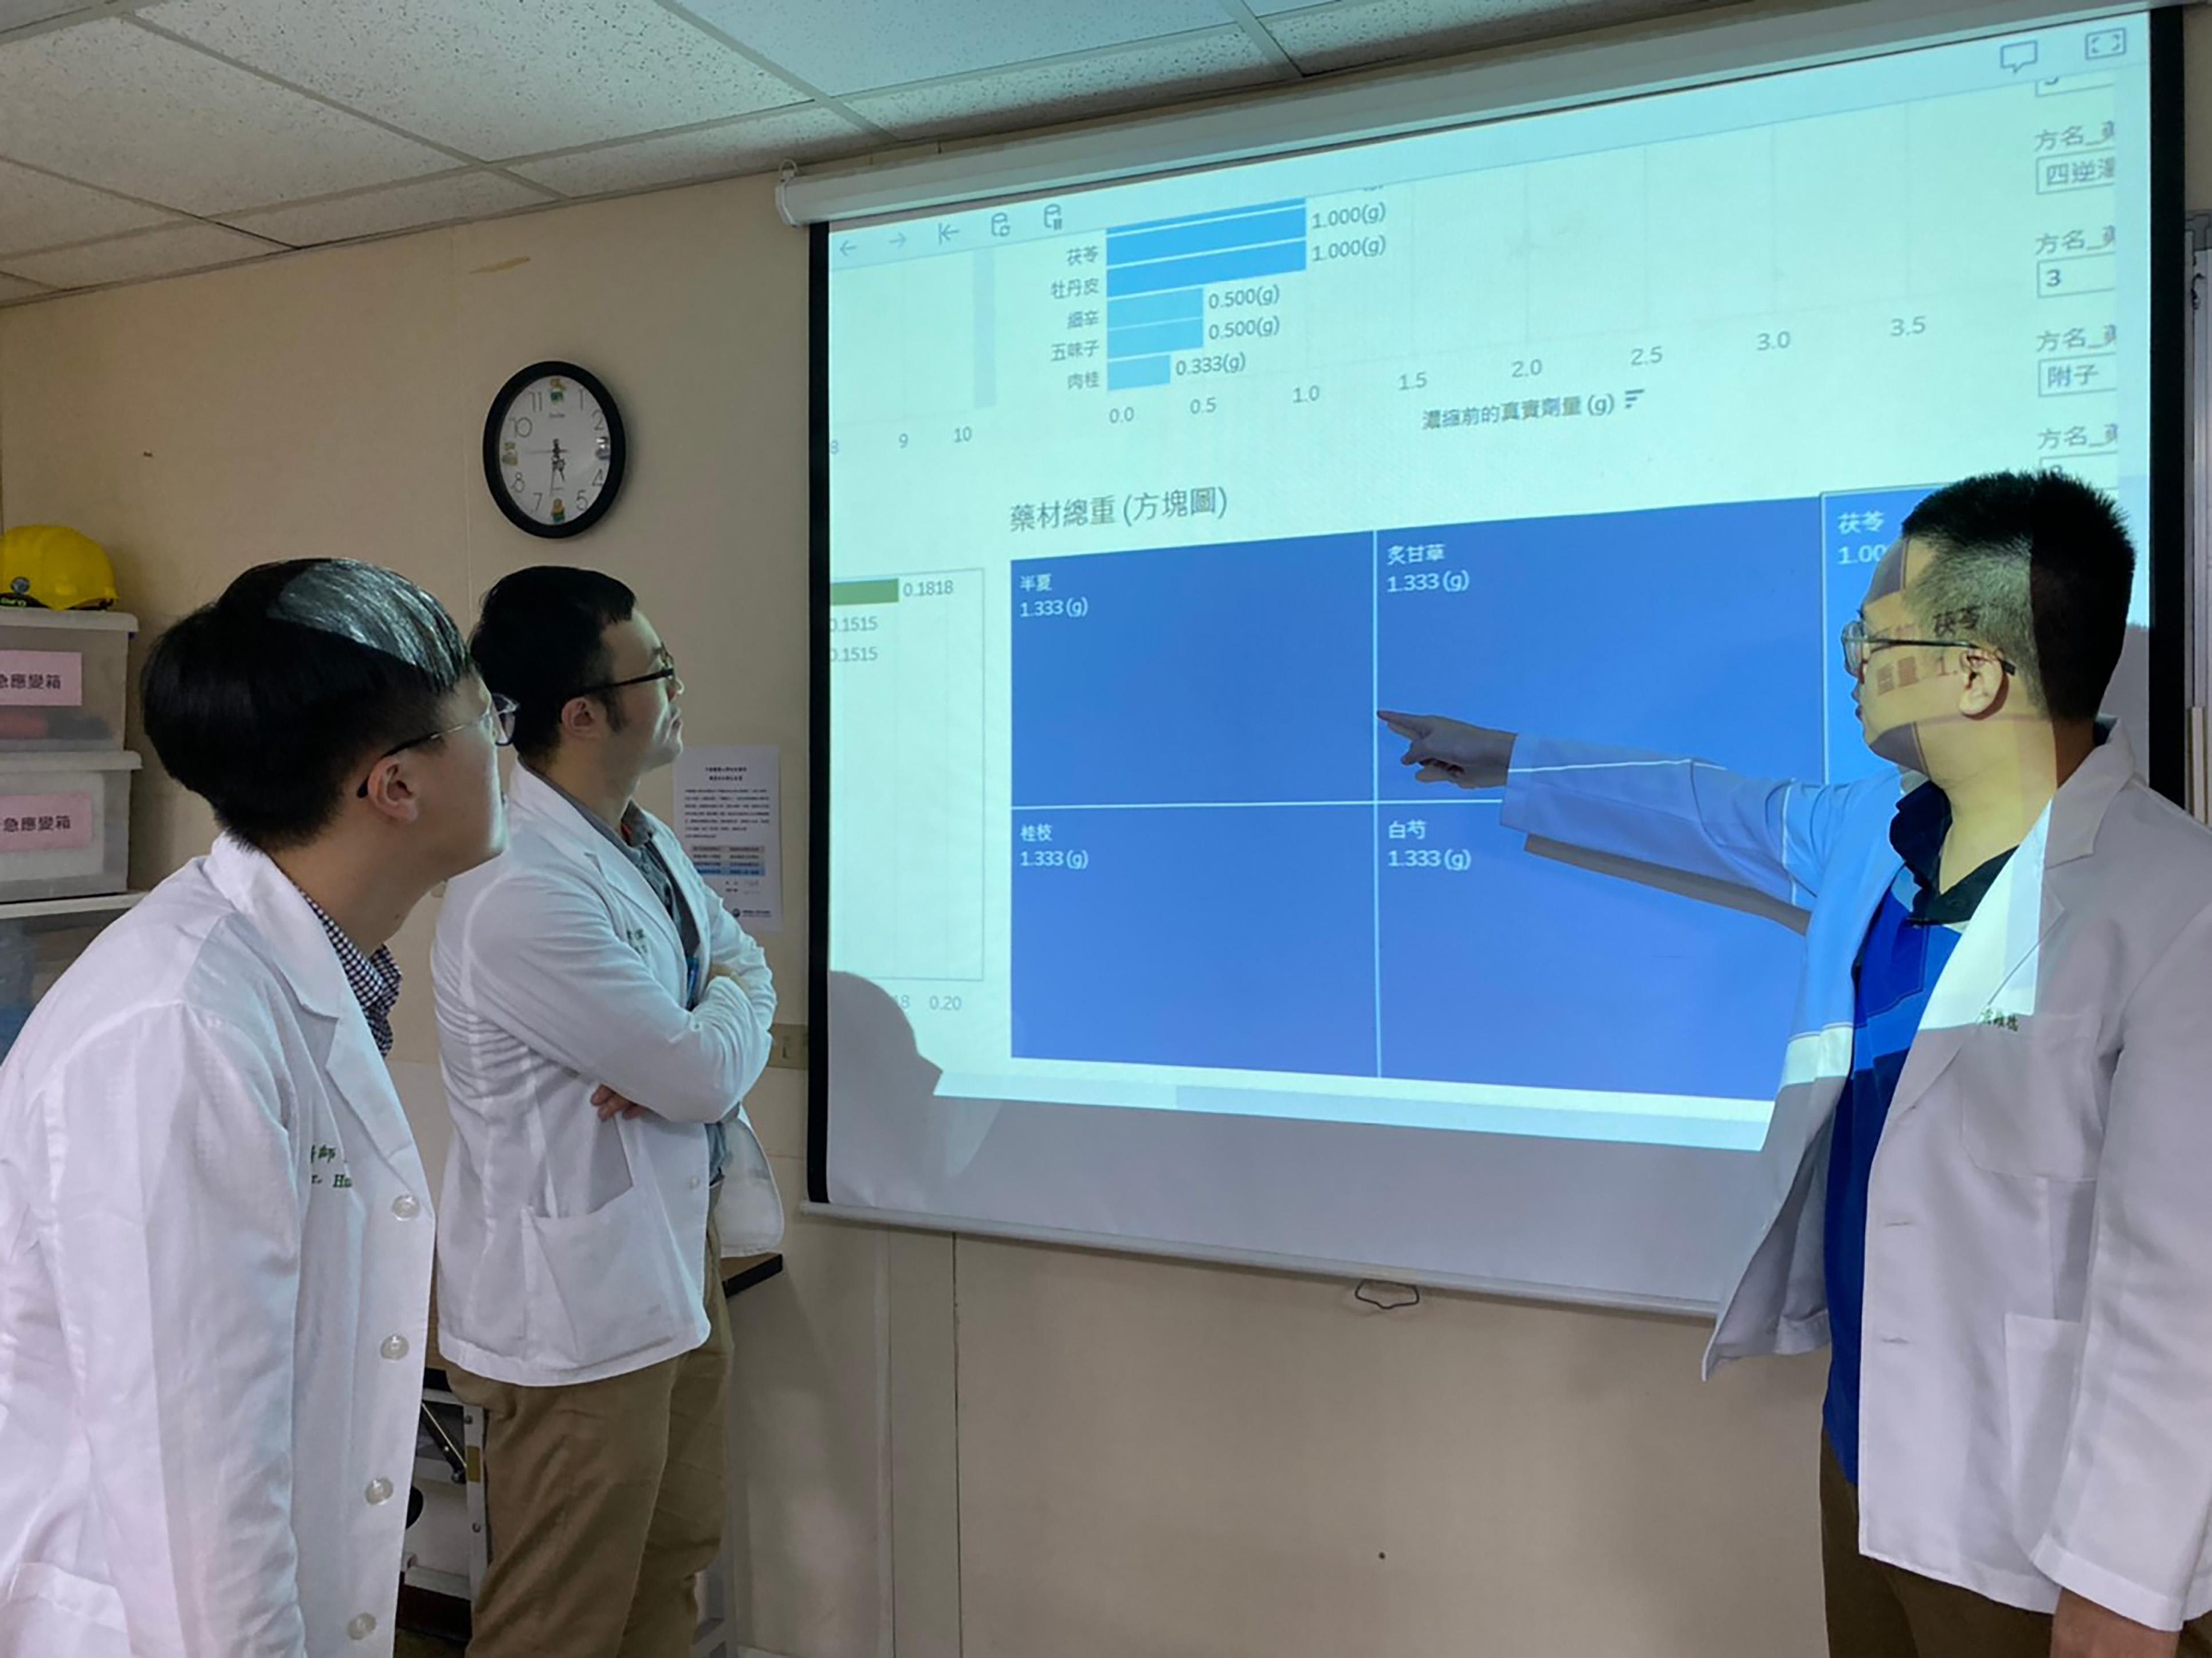 研發照片7_系統測試:中醫大團隊測試劑量換算功能方塊圖